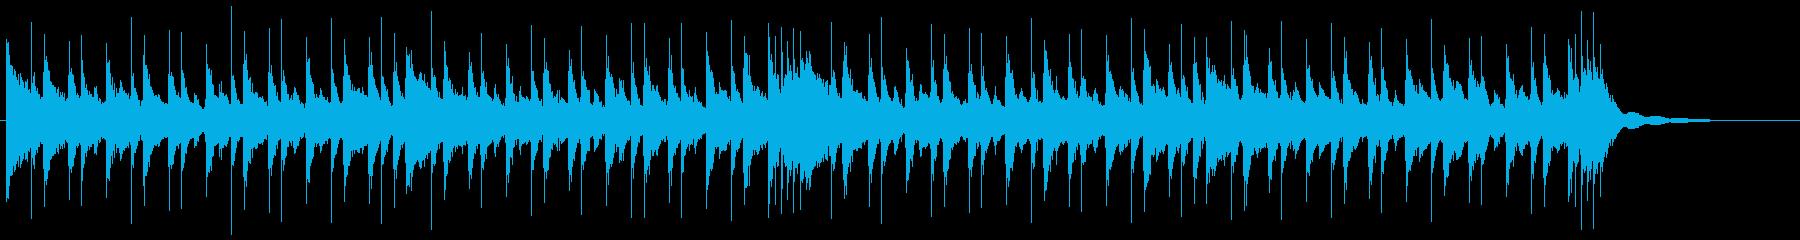 環境音楽の再生済みの波形